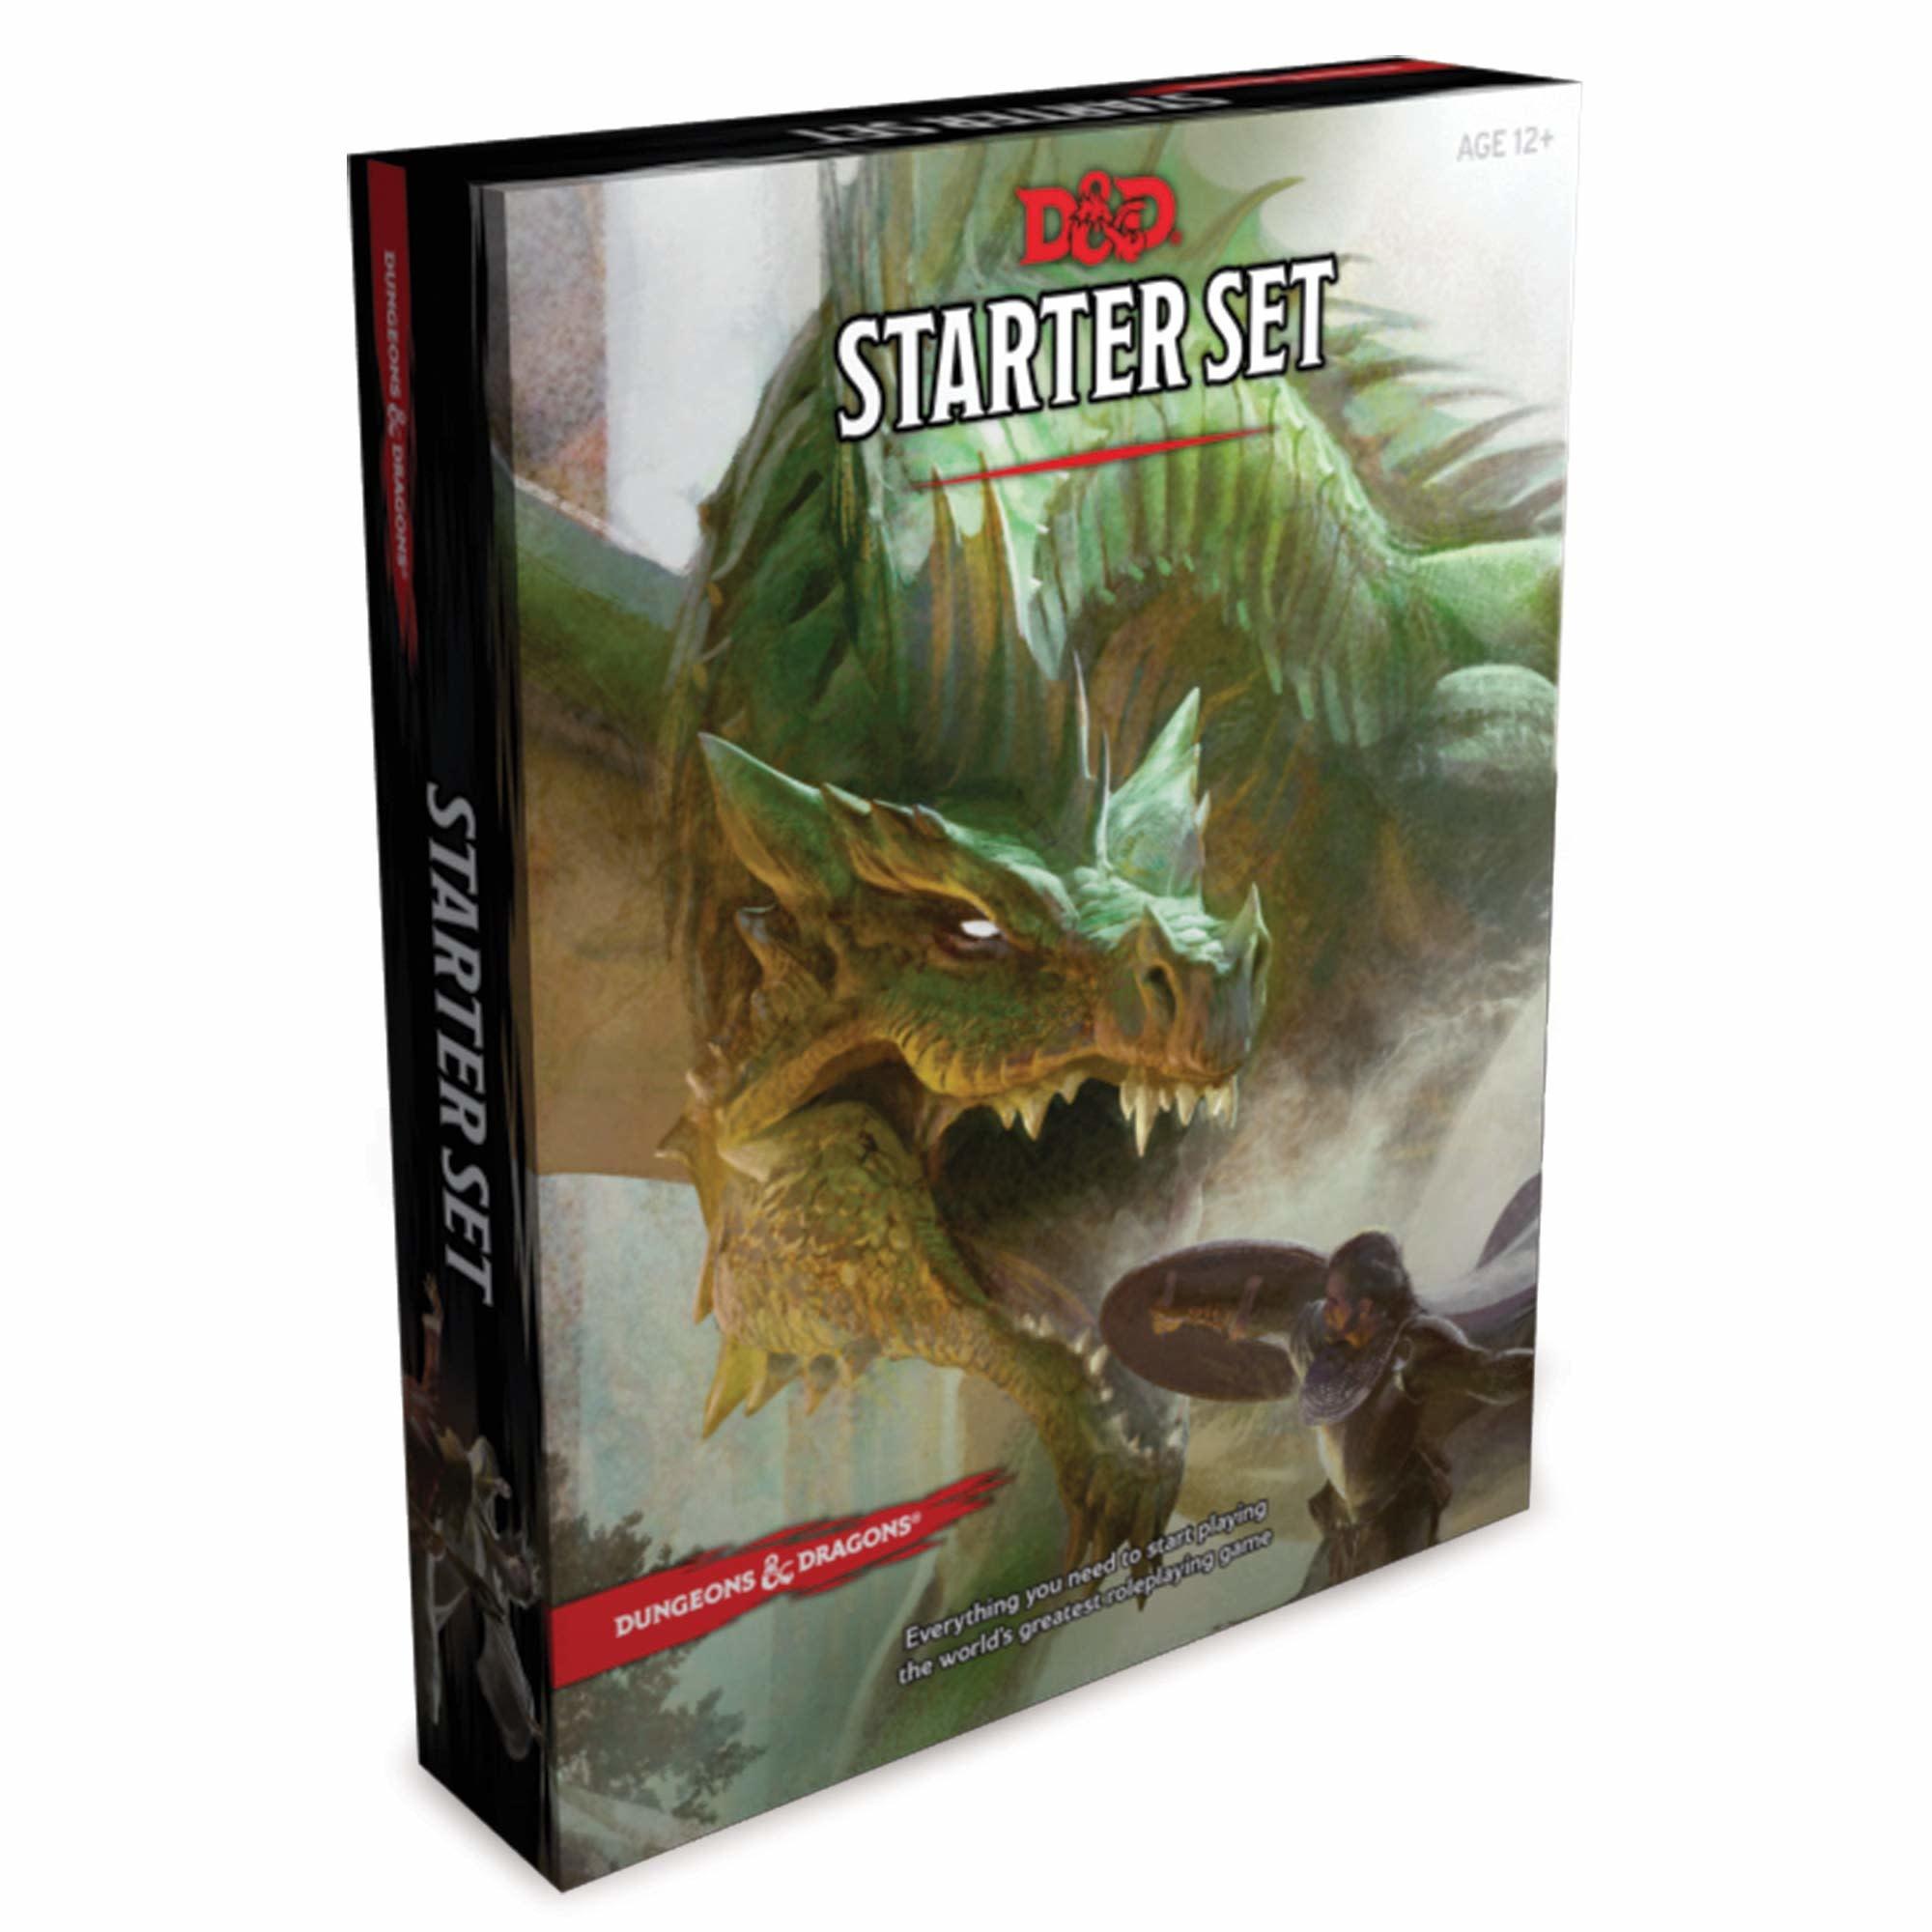 D&D Dungeons & Dragons Starter Set